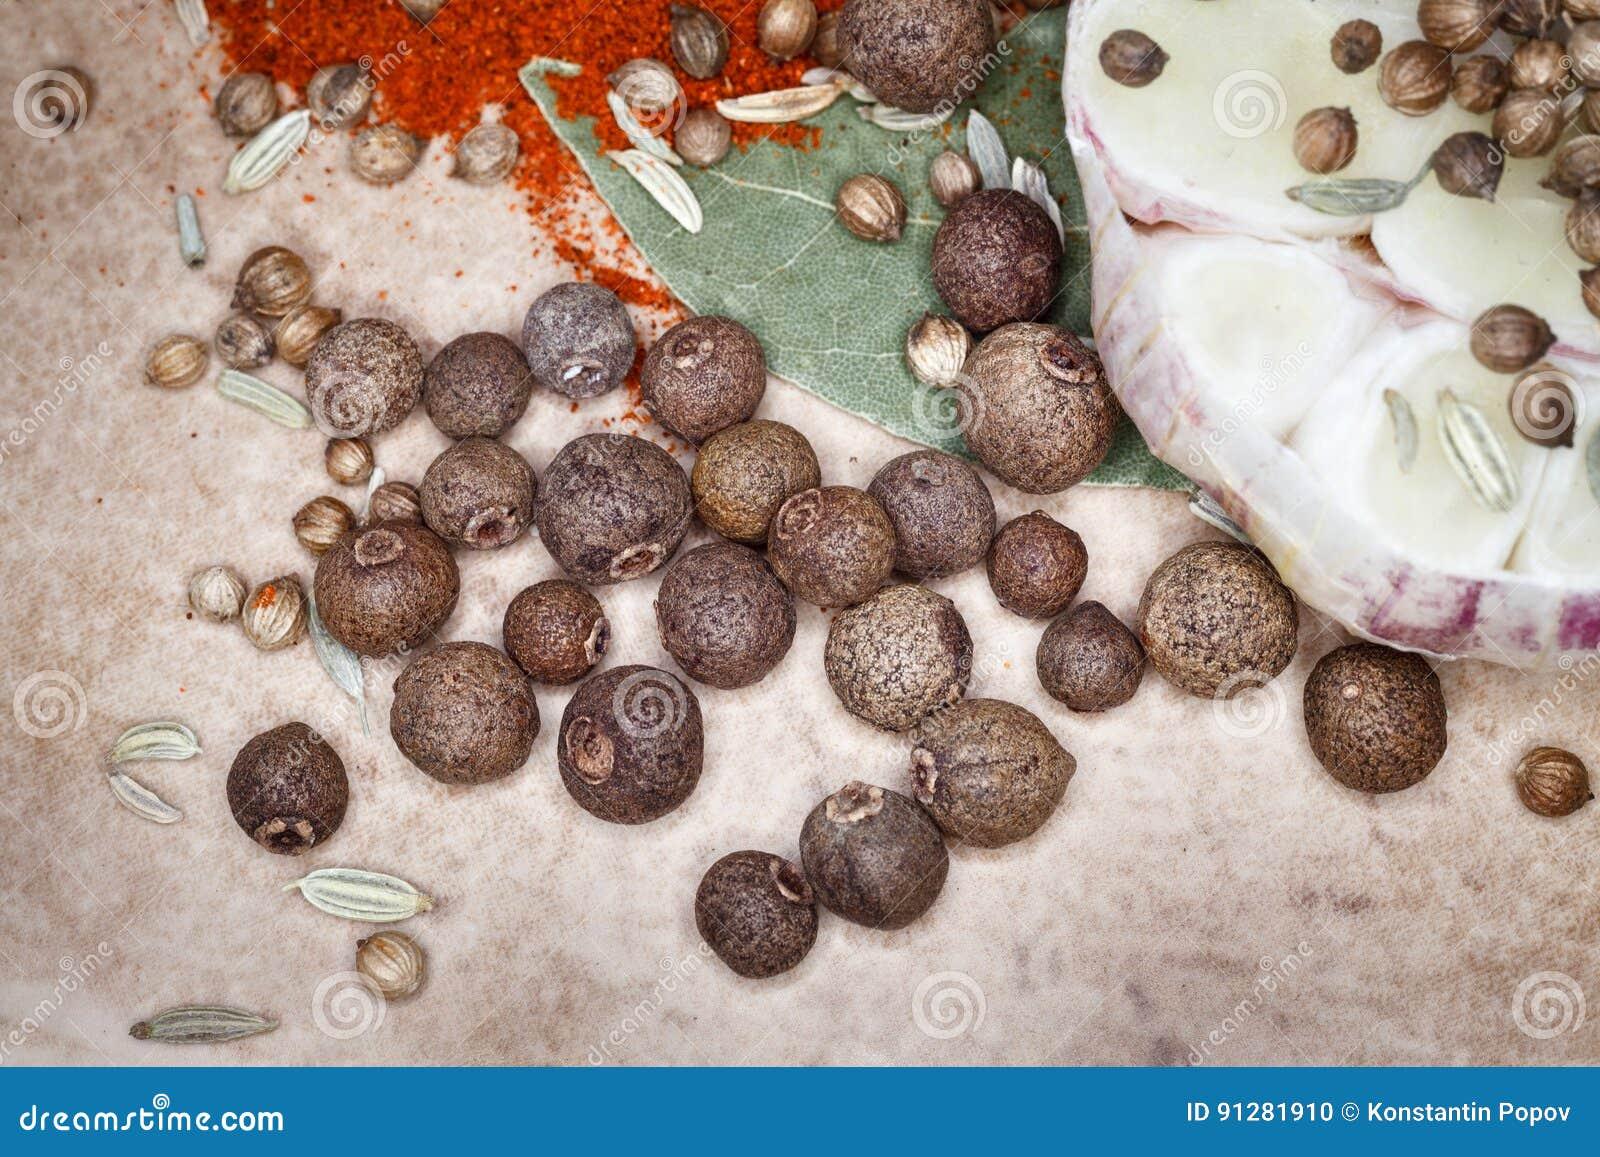 Ställ in kryddor